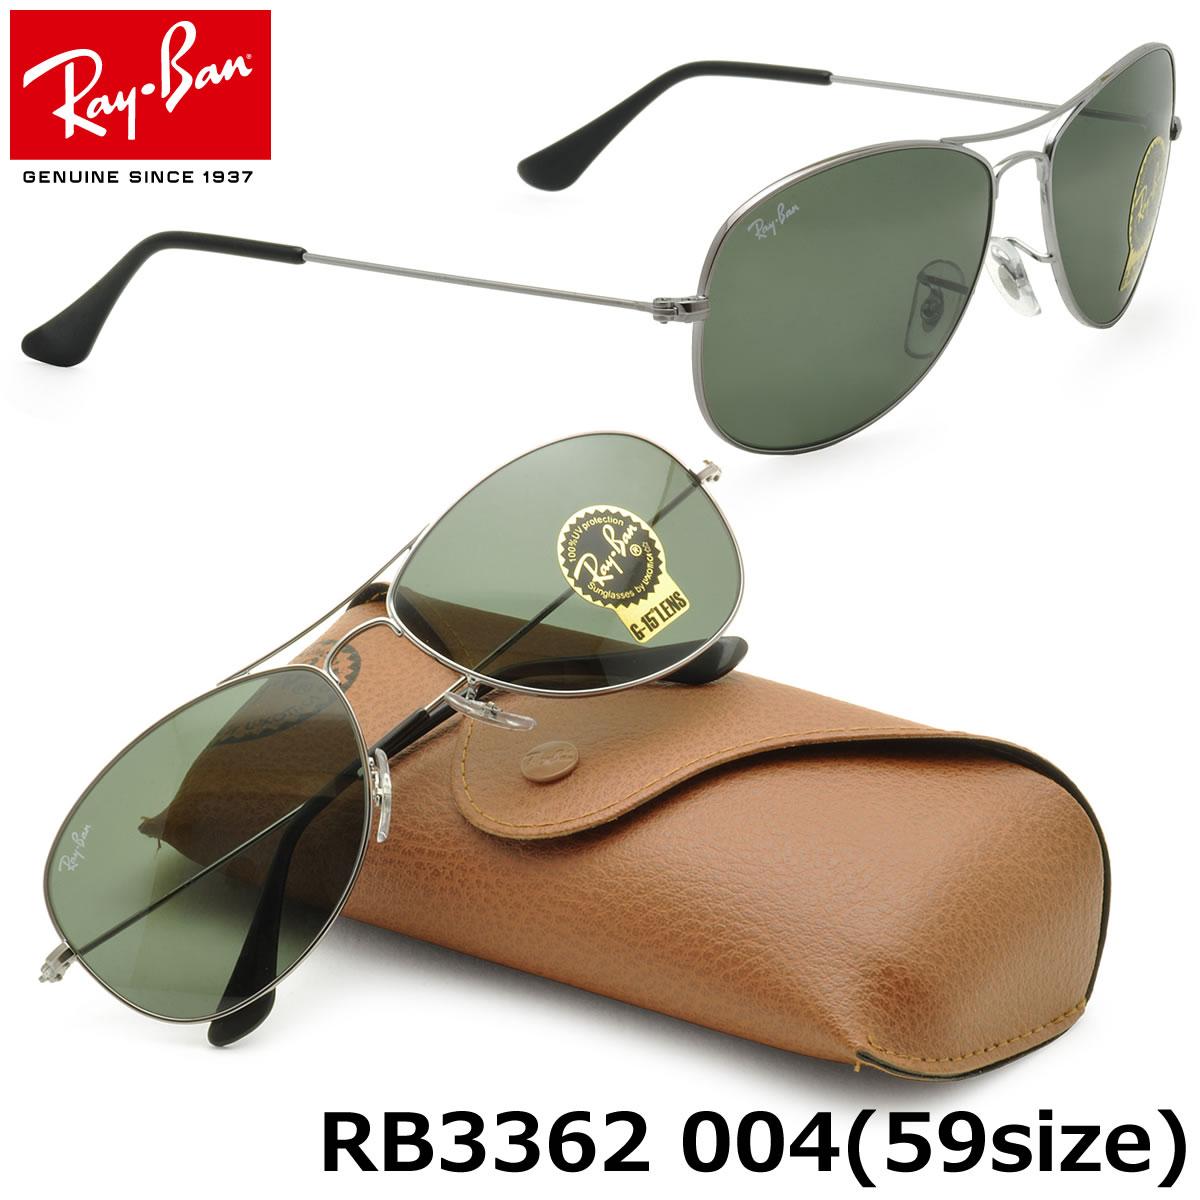 【Ray-Ban】(レイバン) コックピット サングラス RB3362 004 59サイズ…...:thats:10014242